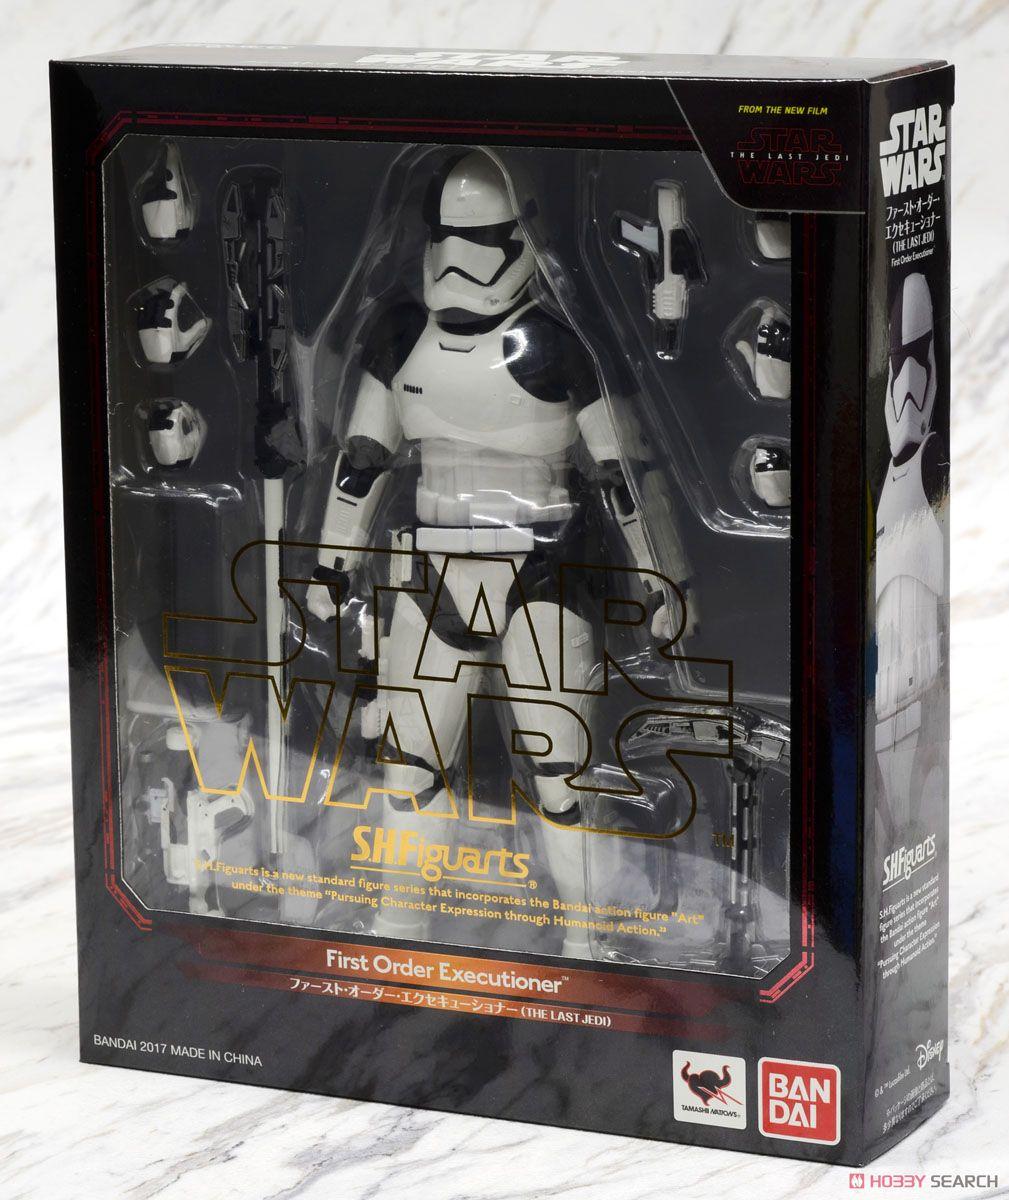 (มี1รอเมลฉบับที่2 ยืนยันกก่อนโอนเงินครับน )S.H.Figuarts First Order Executioner (The Last Jedi) (Completed)